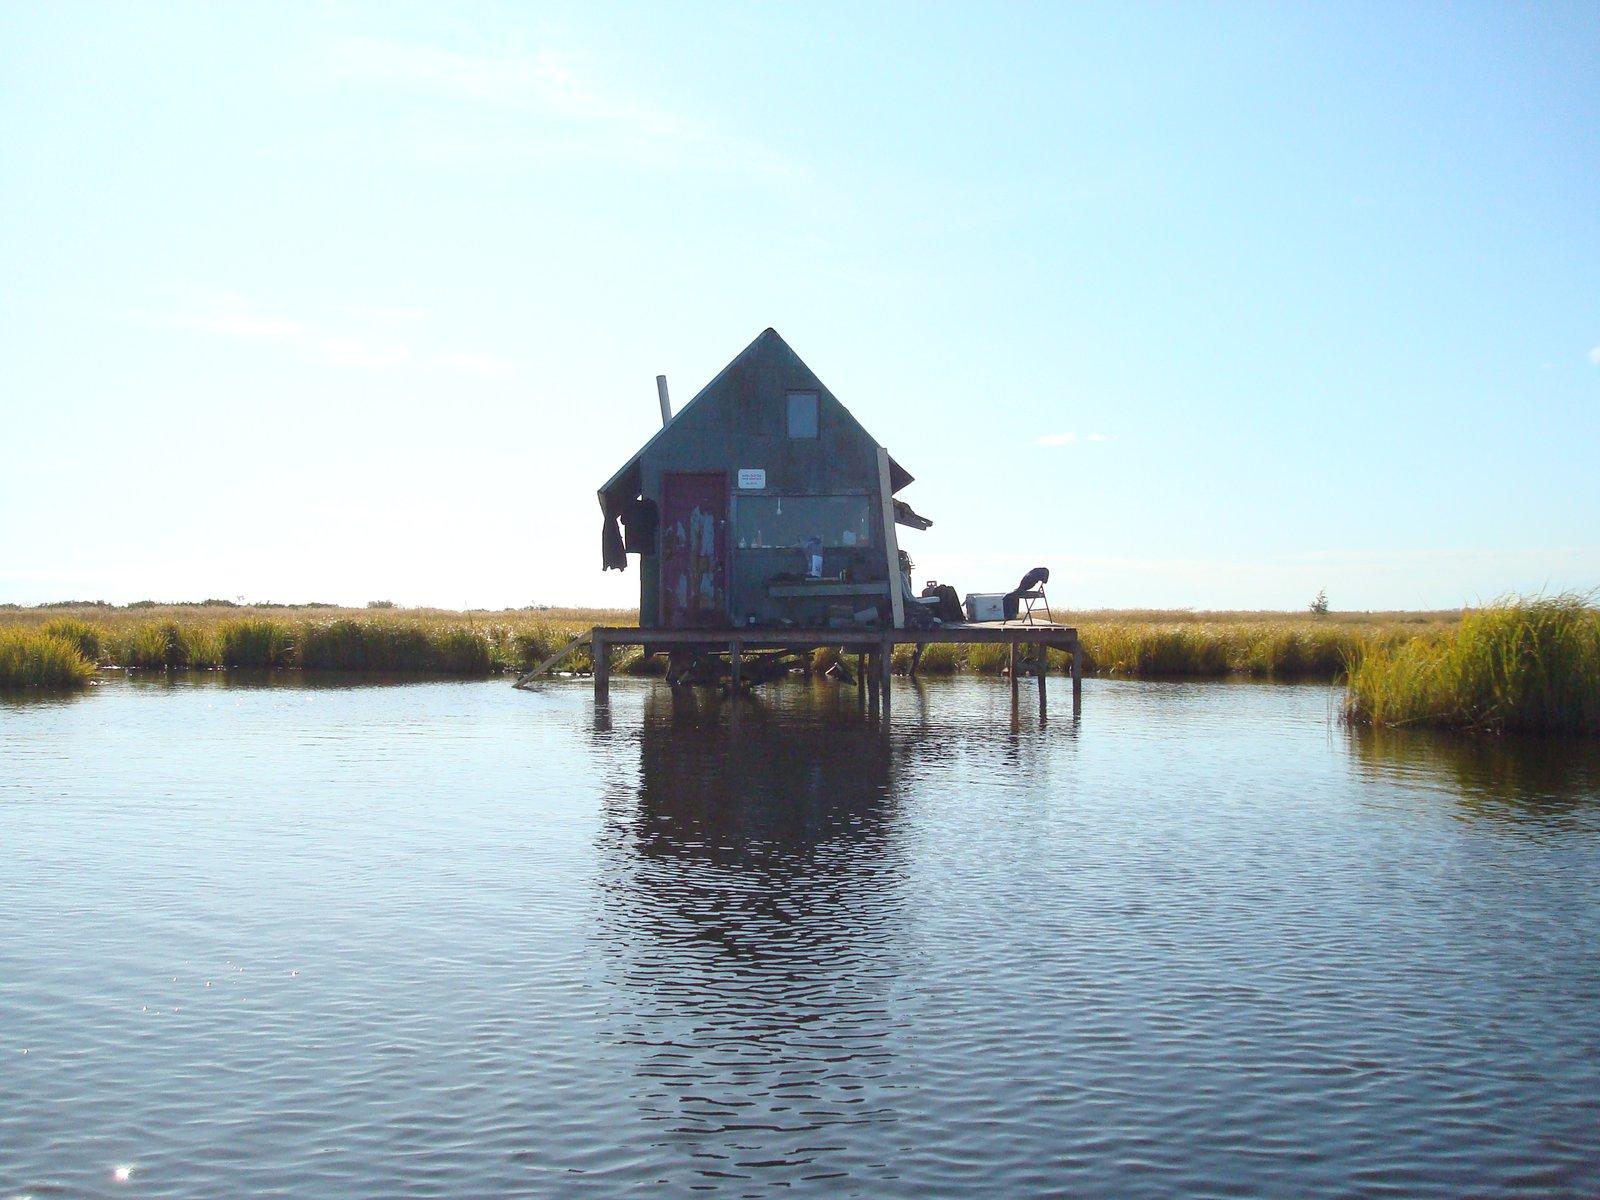 Duck shack